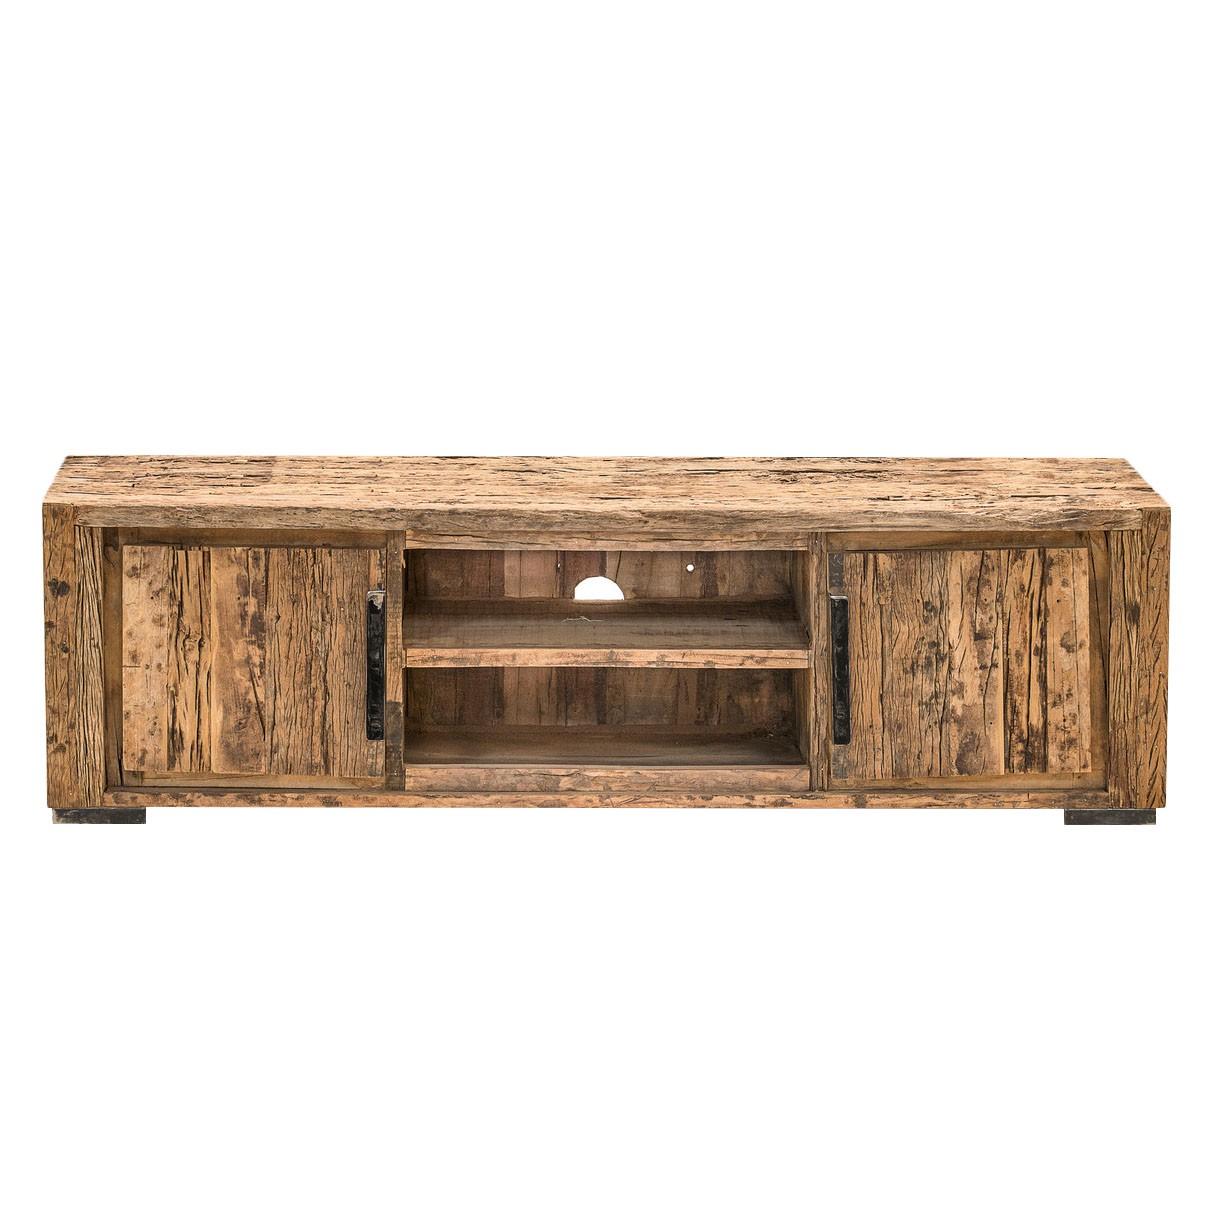 Treibholz-Möbel - Was ist das? - Treibholz-Möbel Ideen